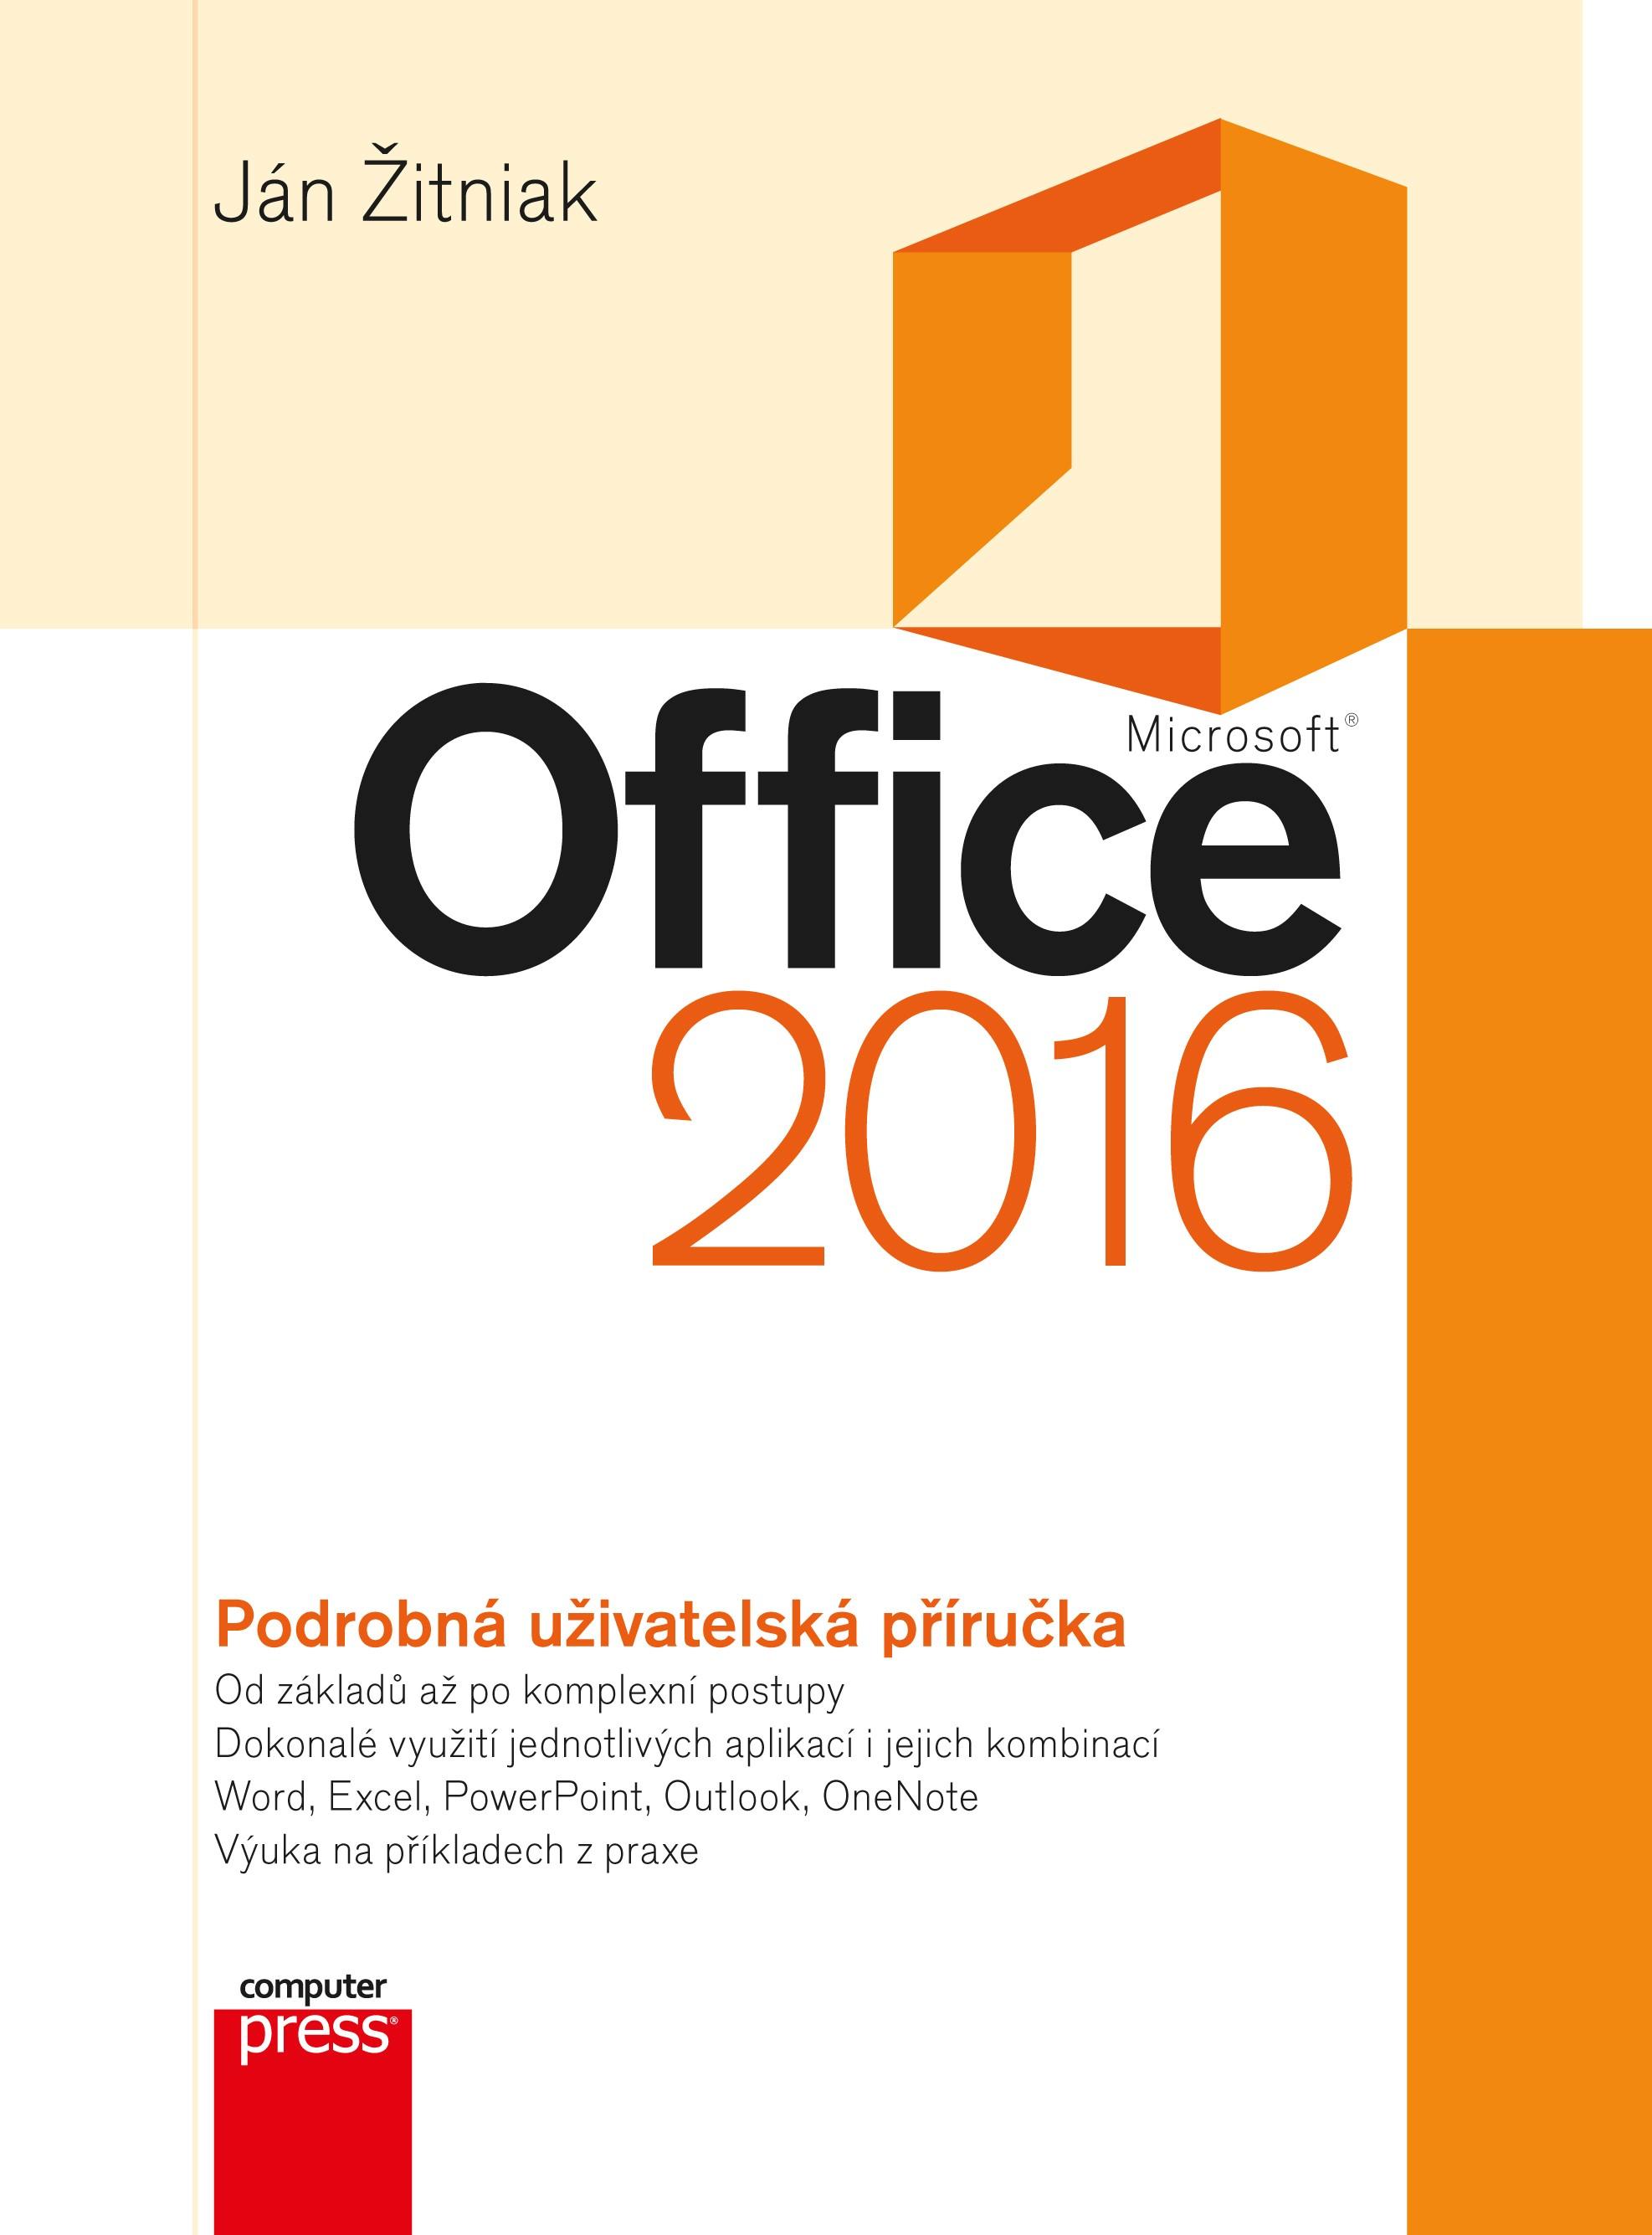 Microsoft Office 2016 Podrobná uživatelská příručka